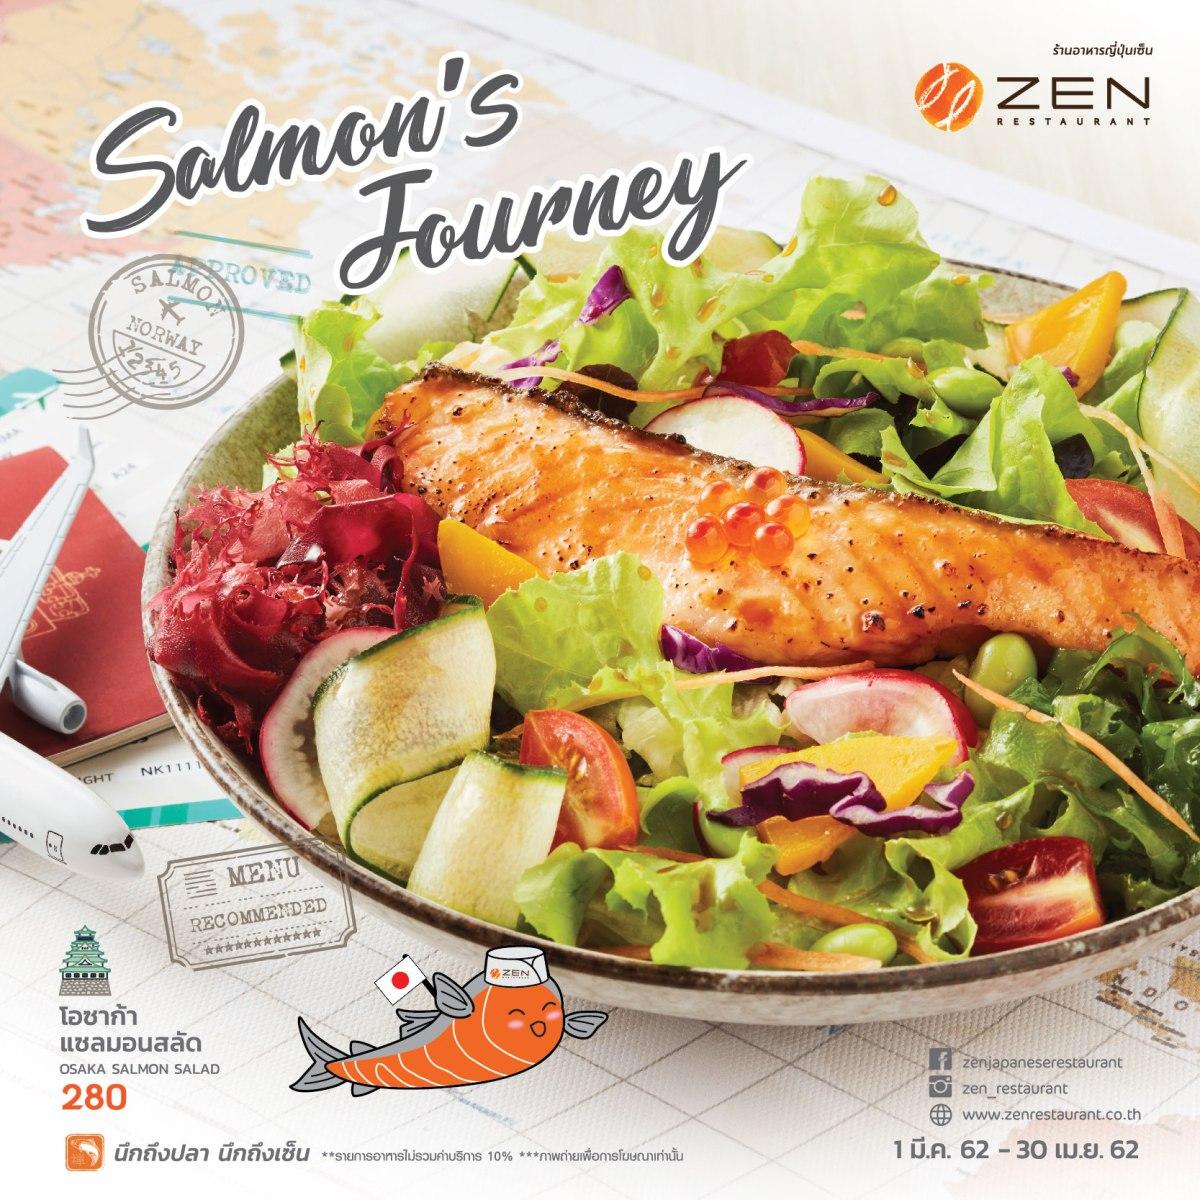 Salmon's Journey – การเดินทางของแซลมอนจากนอร์เวย์สู่จานอร่อยที่ร้านอาหารญี่ปุ่นเซ็น 16 -